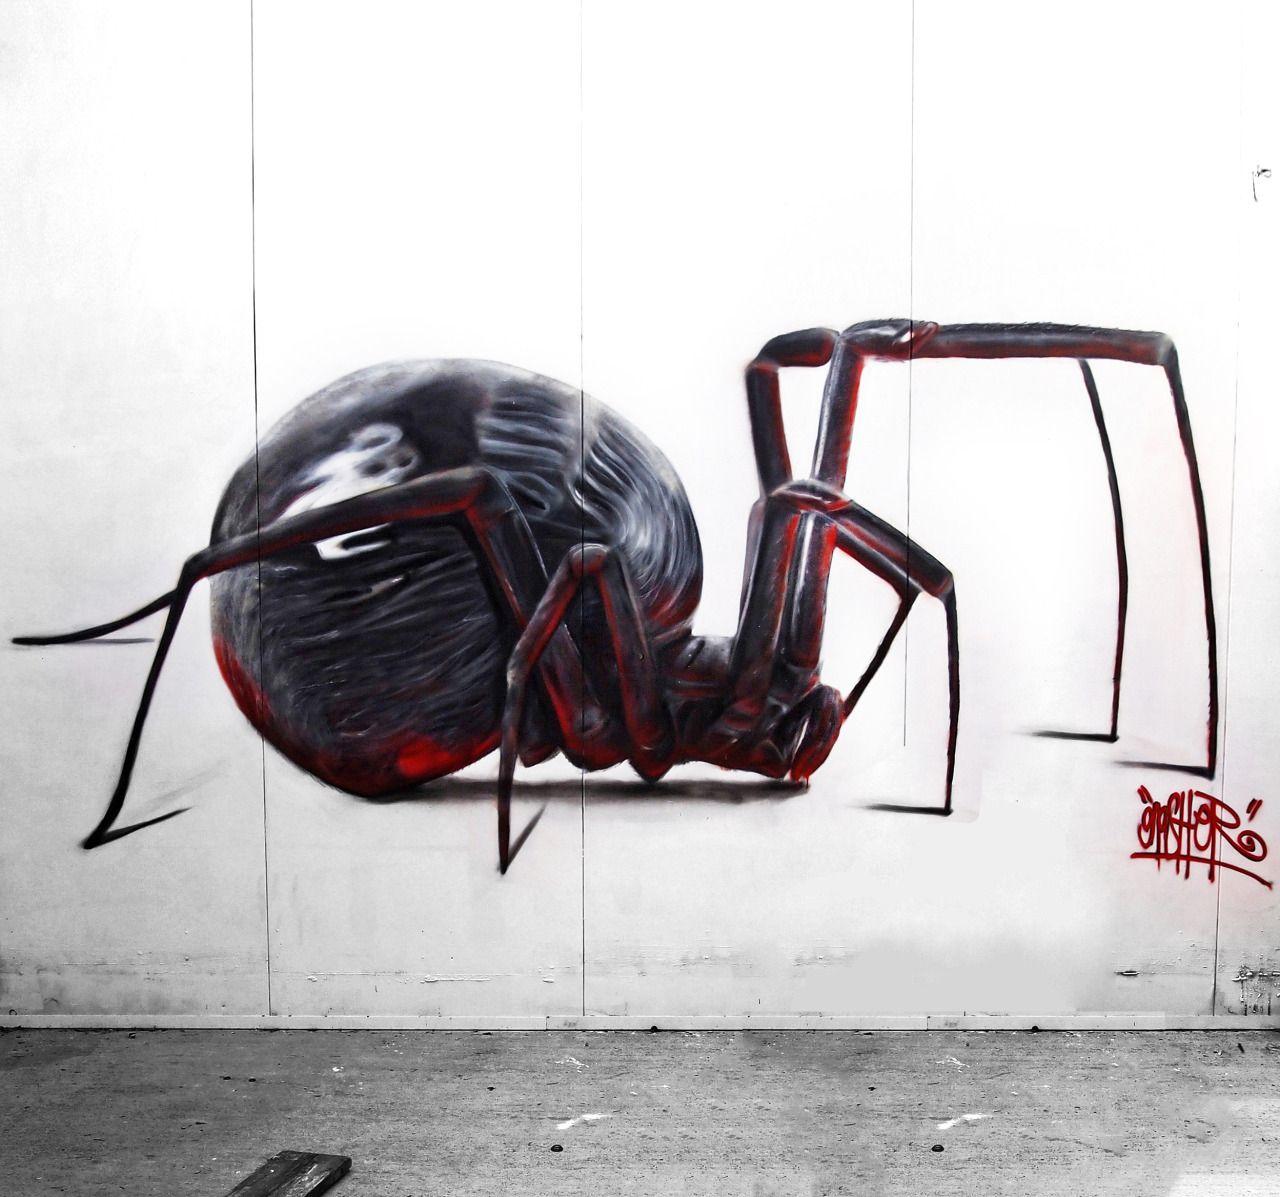 Spider StreetArt